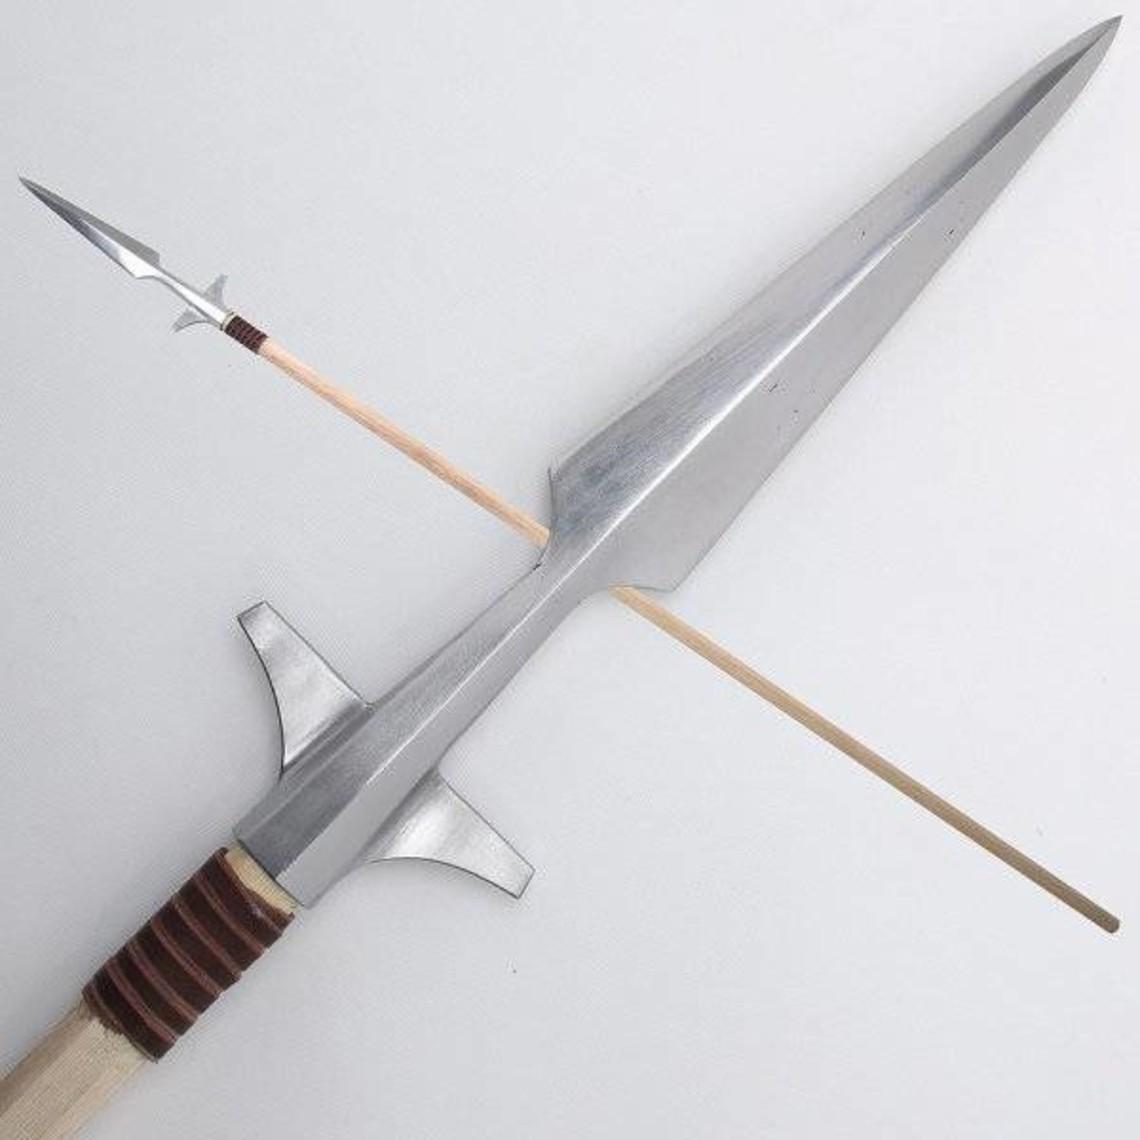 15 wieku polowanie z kuszą